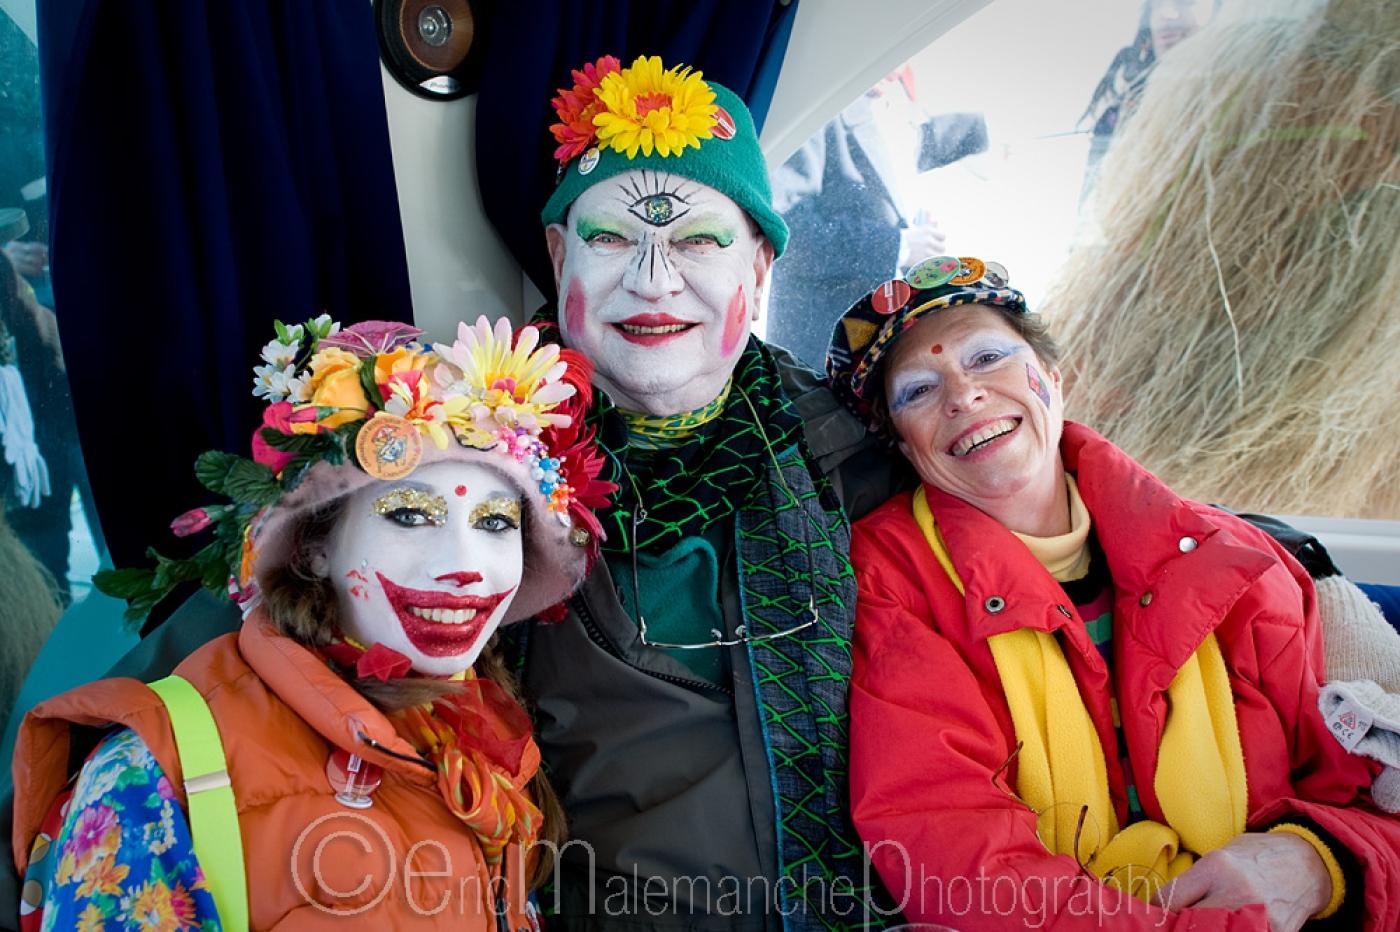 http://www.ericmalemanche.com/imagess/topics/carnaval-de-dunkerque/liste/Carnaval-Dunkerque-1188.jpg